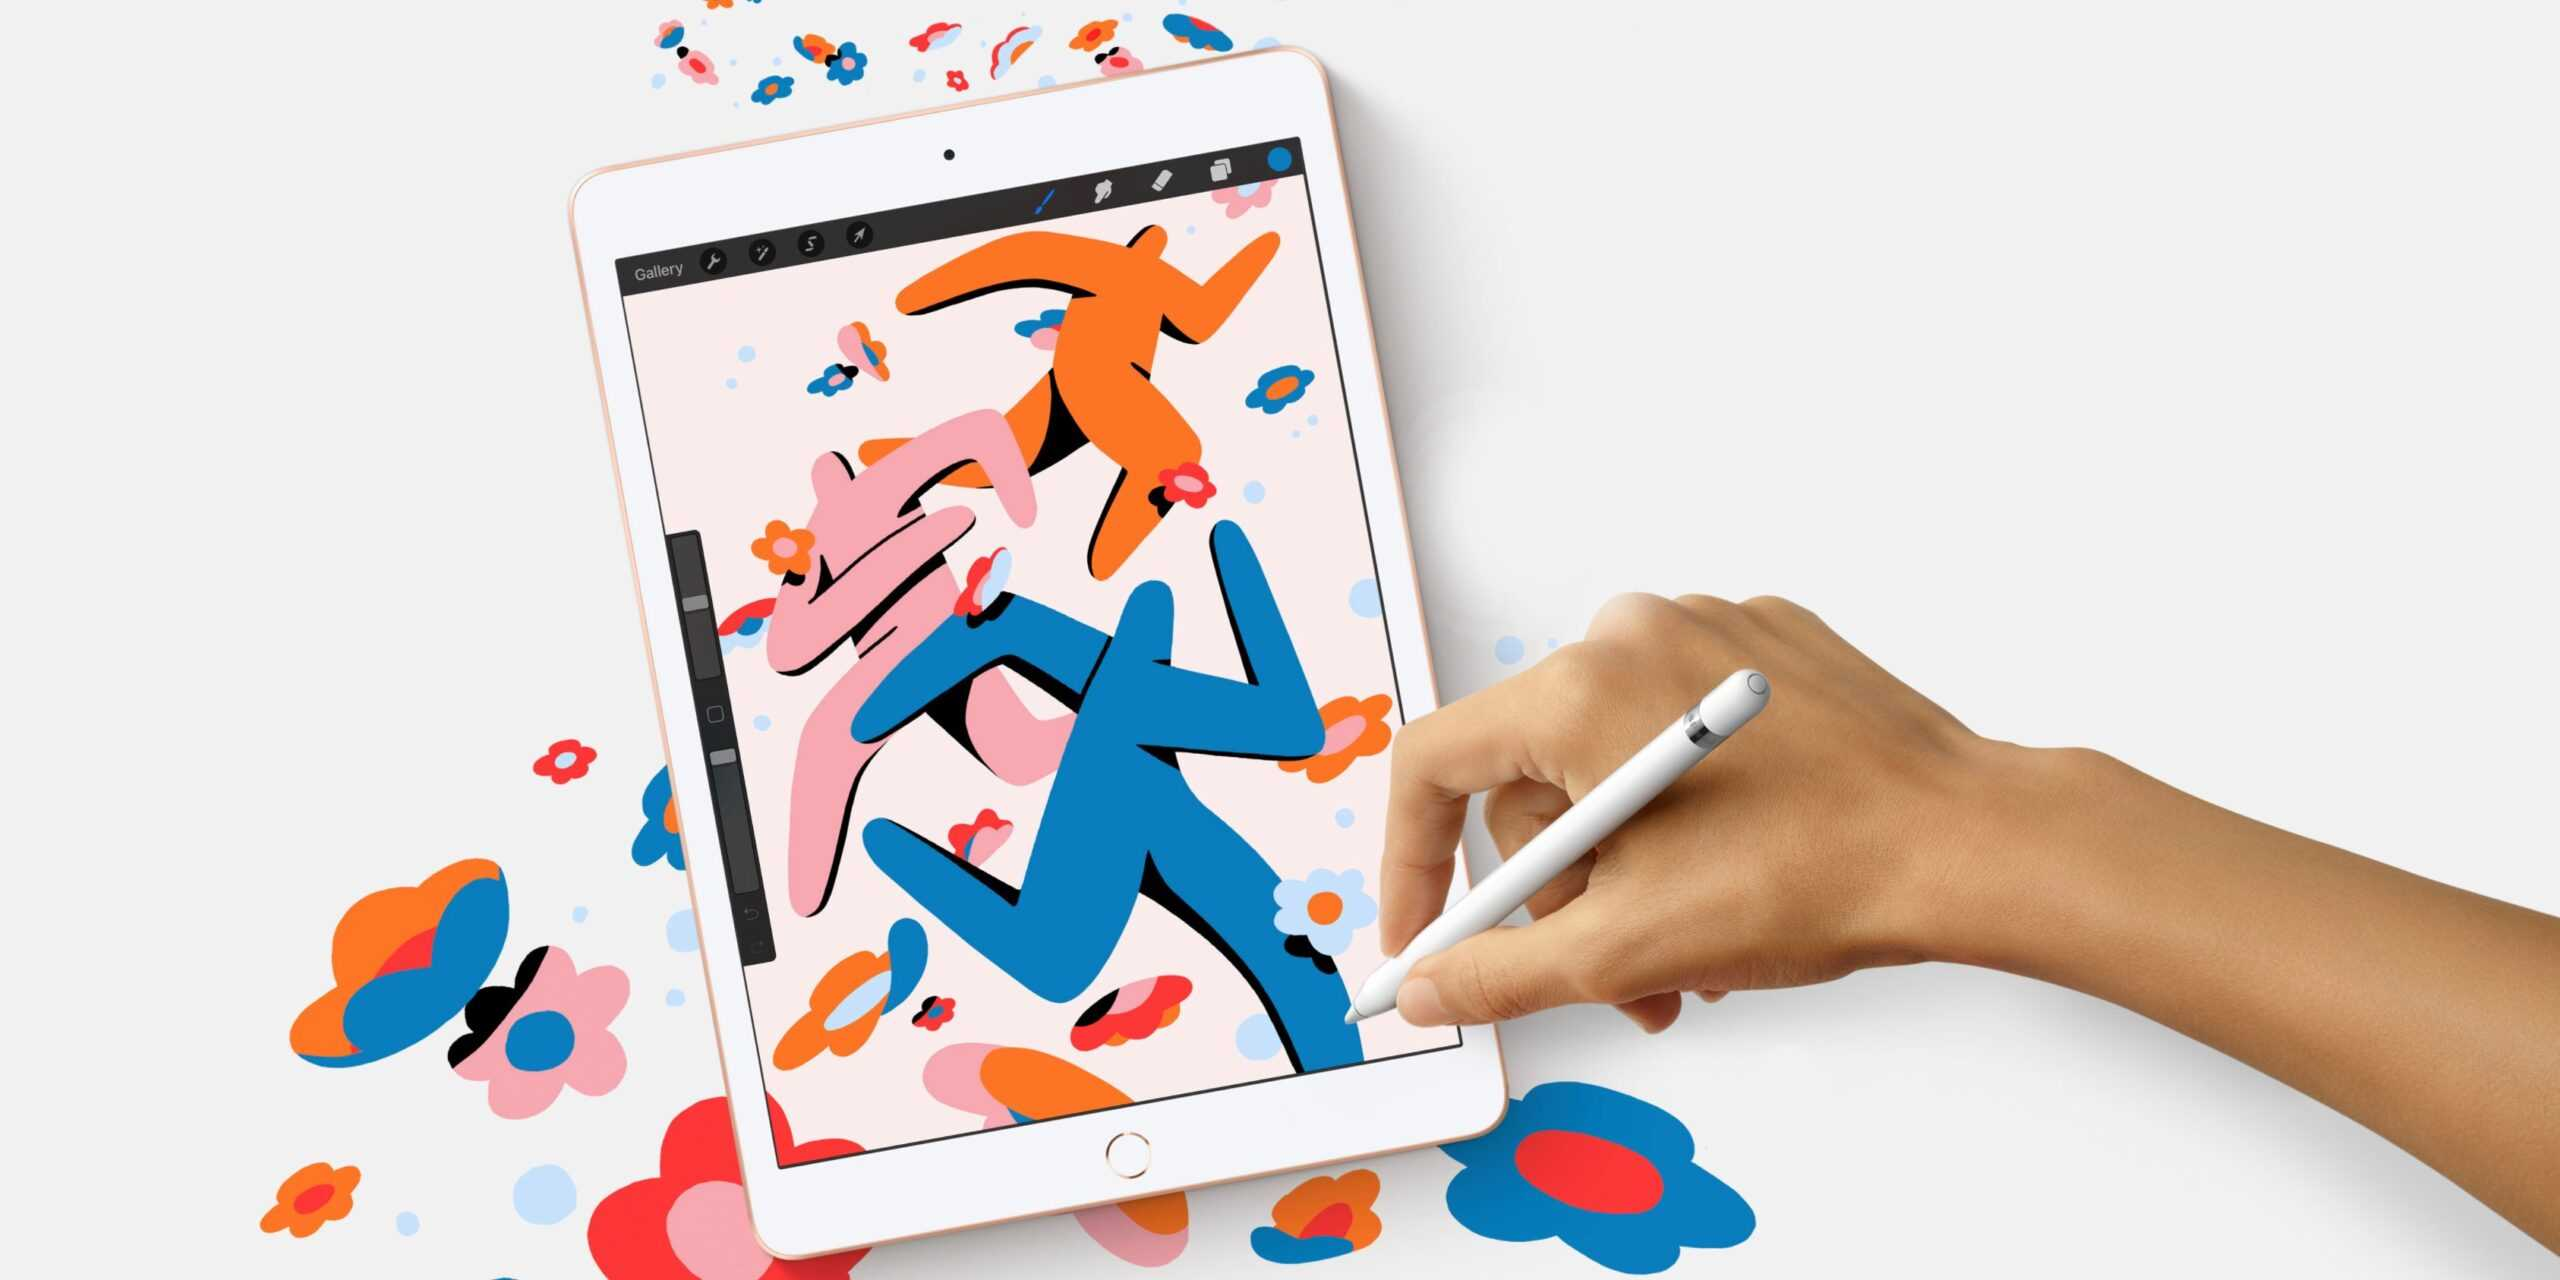 Новые 10,2-дюймовые iPad от Apple получают первые скидки, последний 13-дюймовый MacBook Pro со скидкой 199 долларов в сегодняшних лучших предложениях